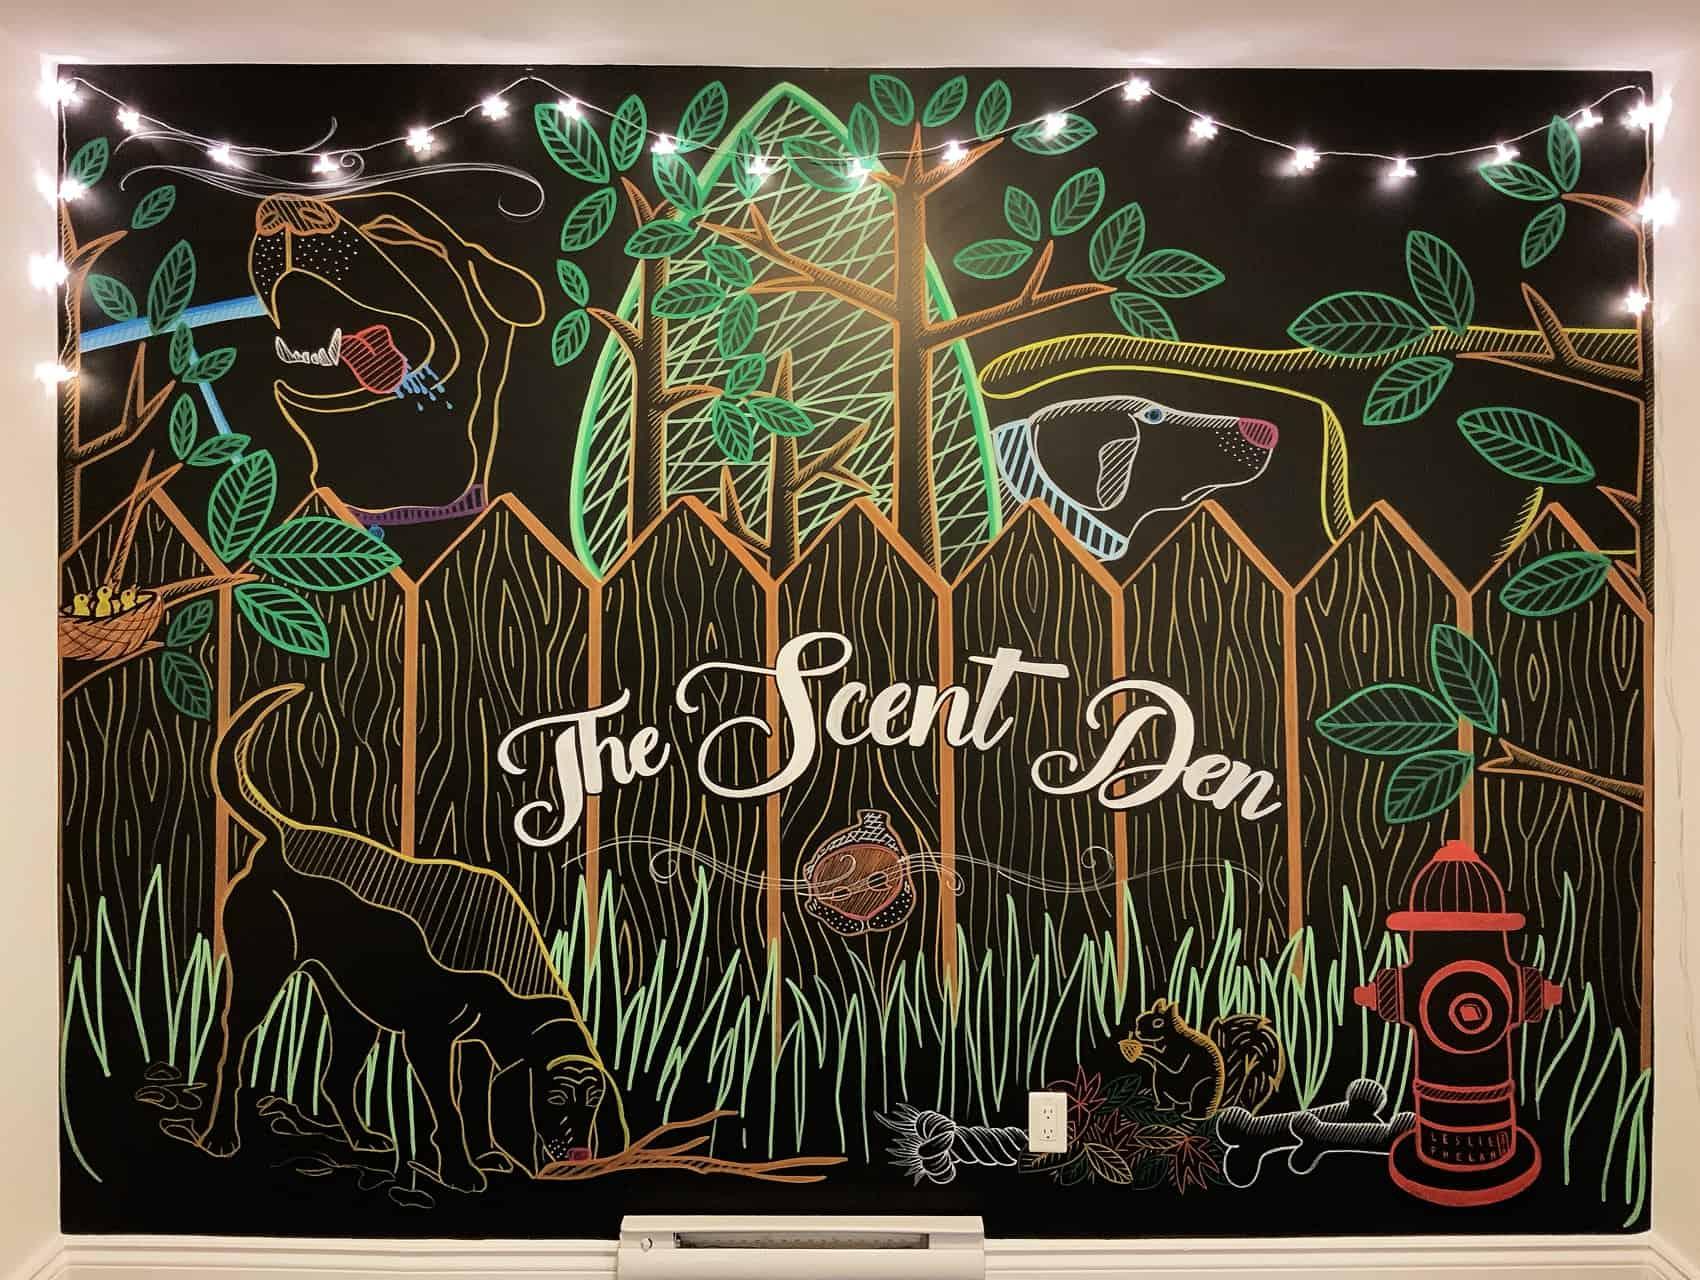 pet store mural, toronto mural art, hand-drawn artwork